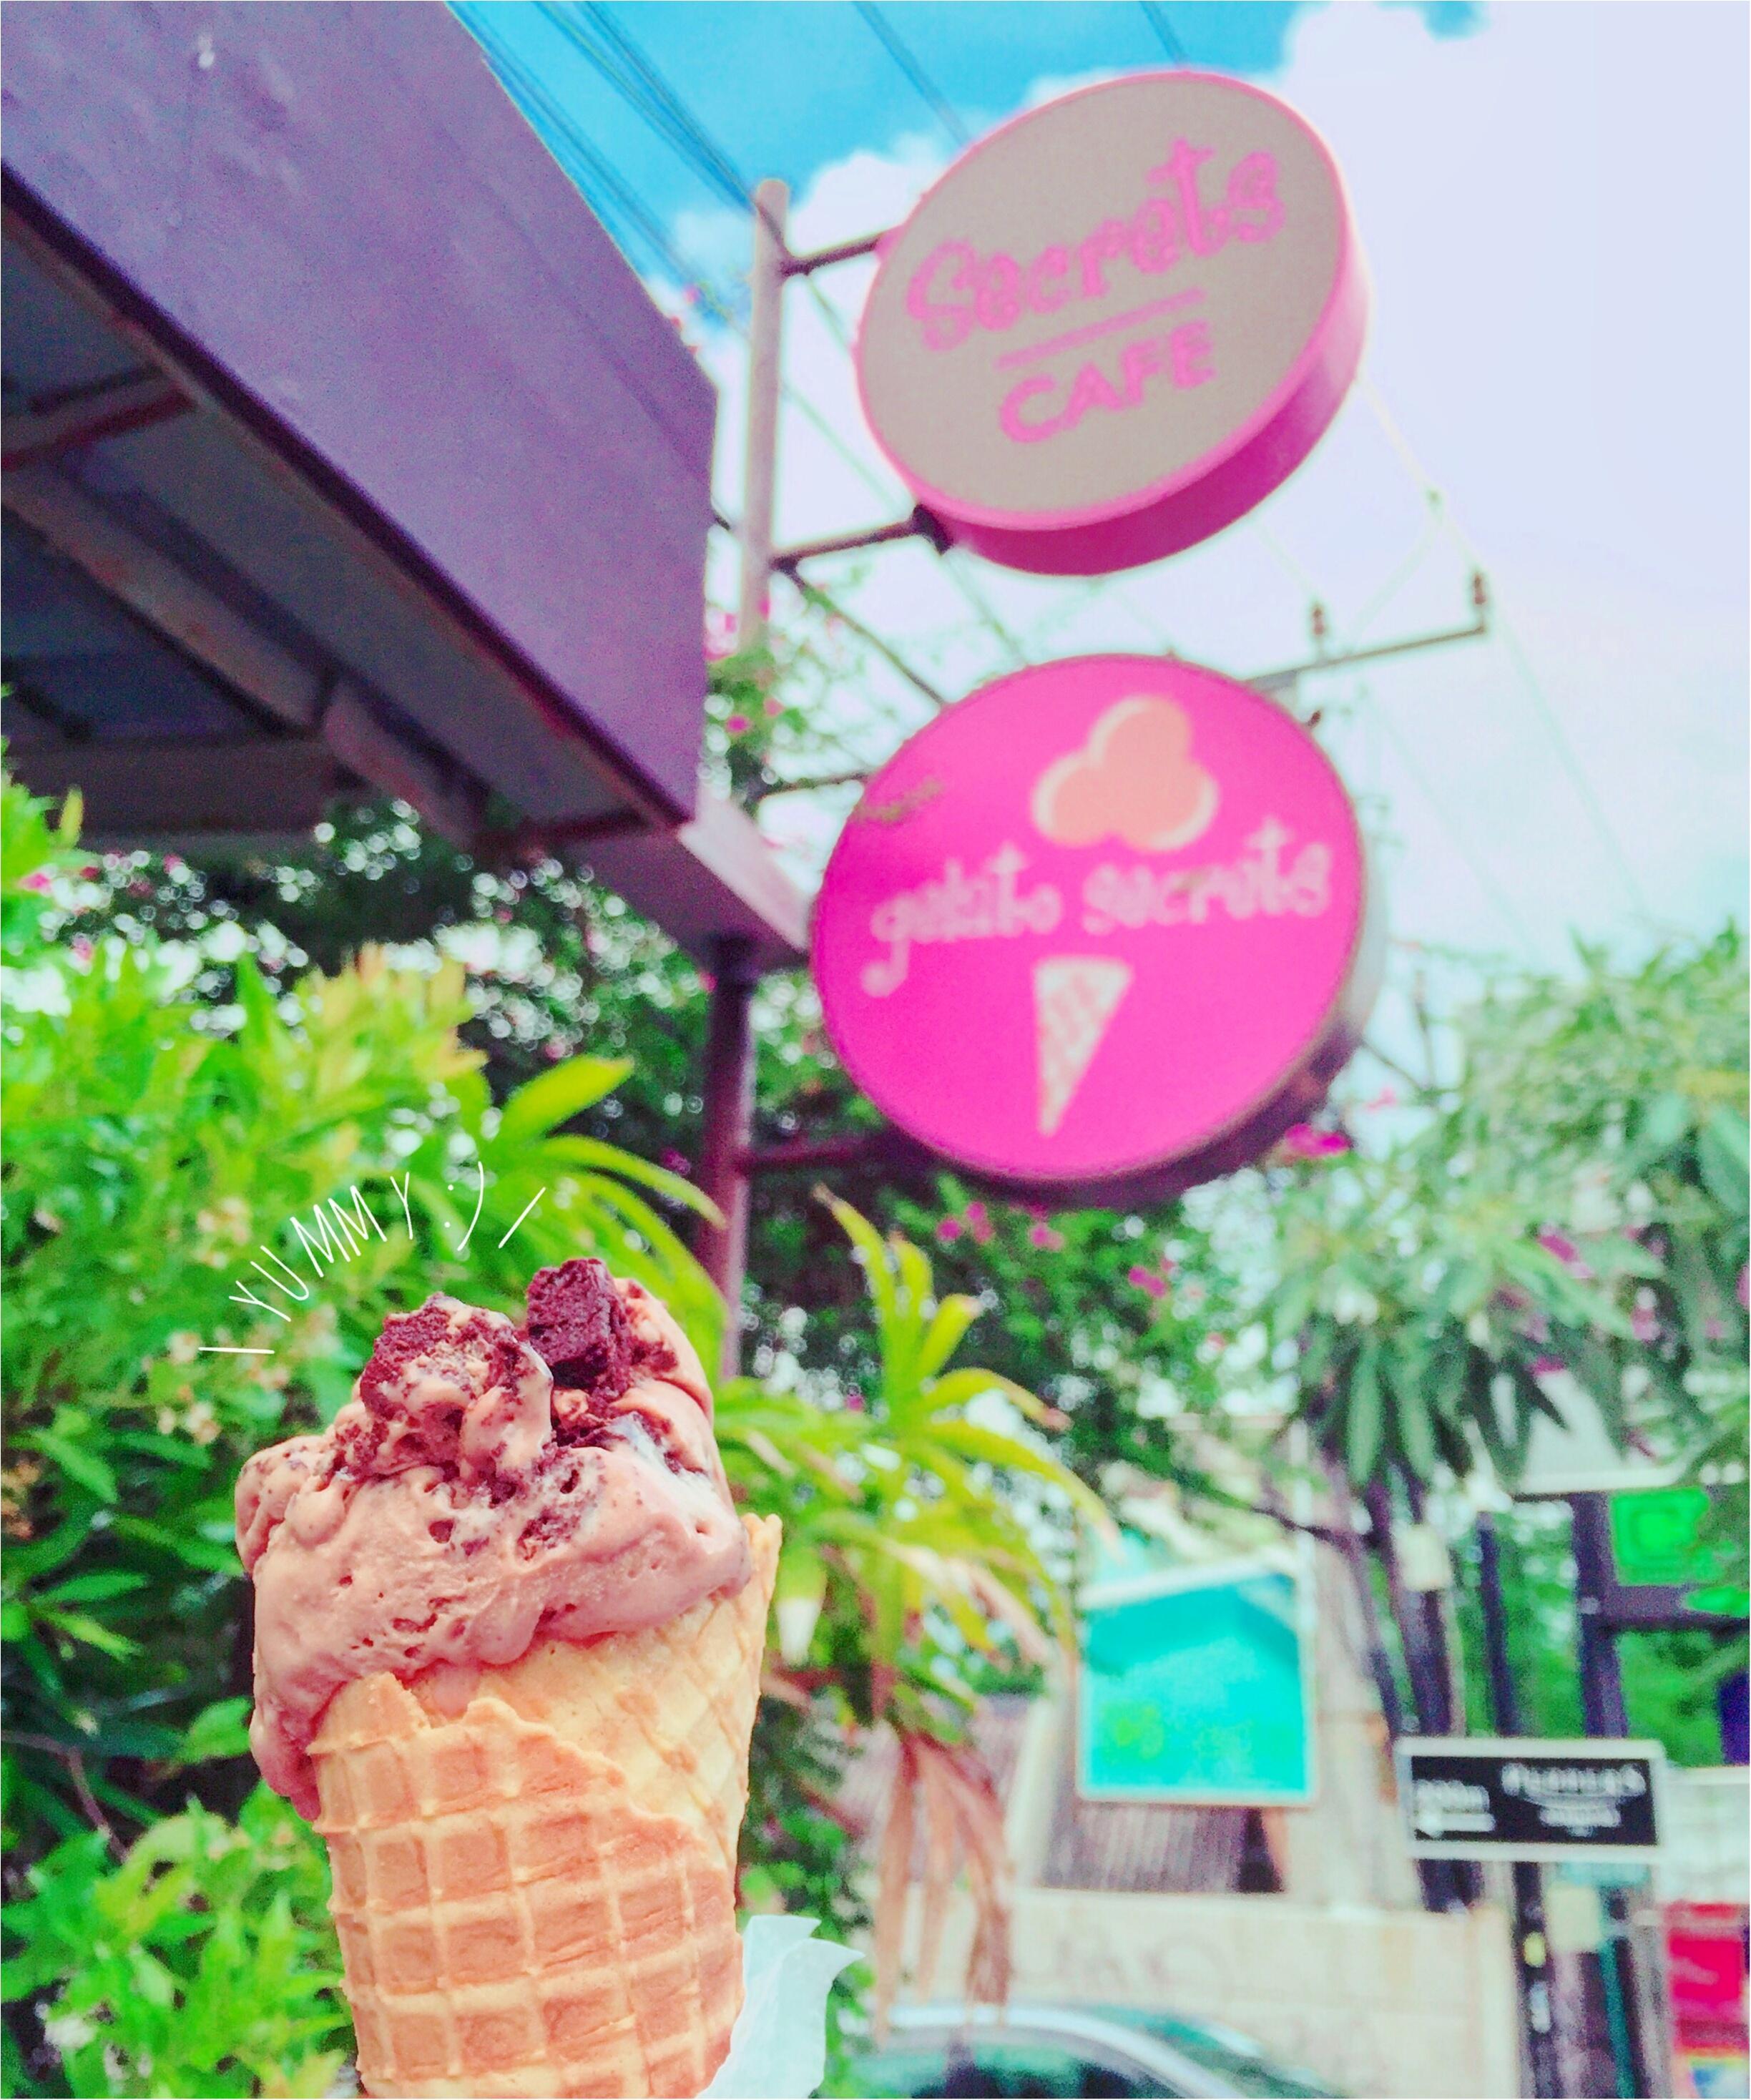 【FOOD】暑い季節はアイスが食べたい!so cute♡so sweets♡ 街中かわいいジェラート屋さん⋈_8